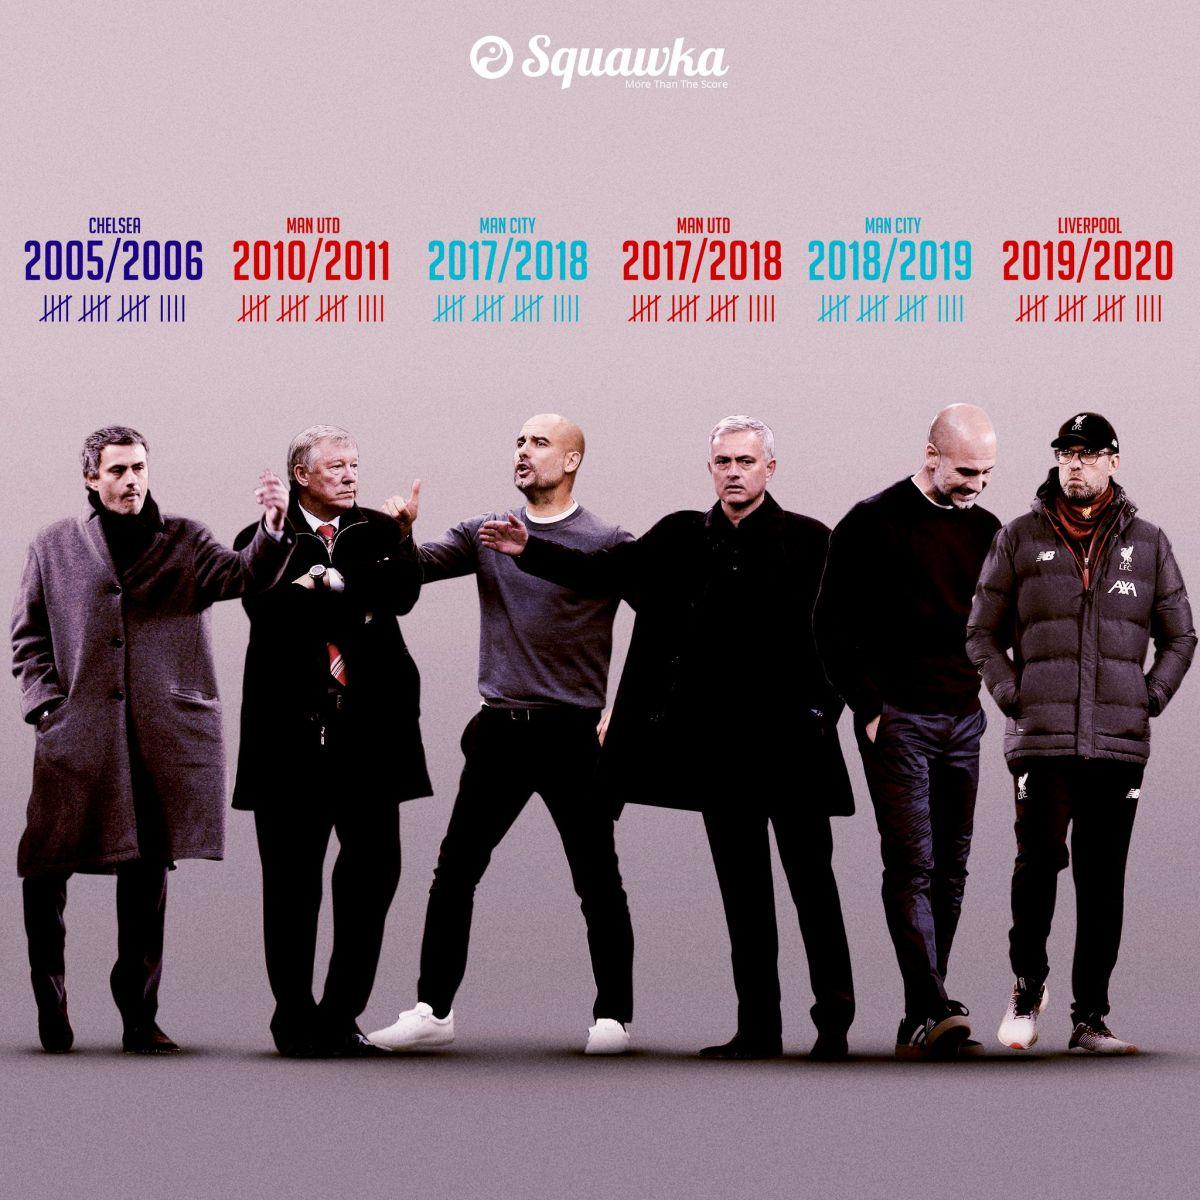 如果接下来不败会怎样?盘点利物浦本赛季可能打破的纪录